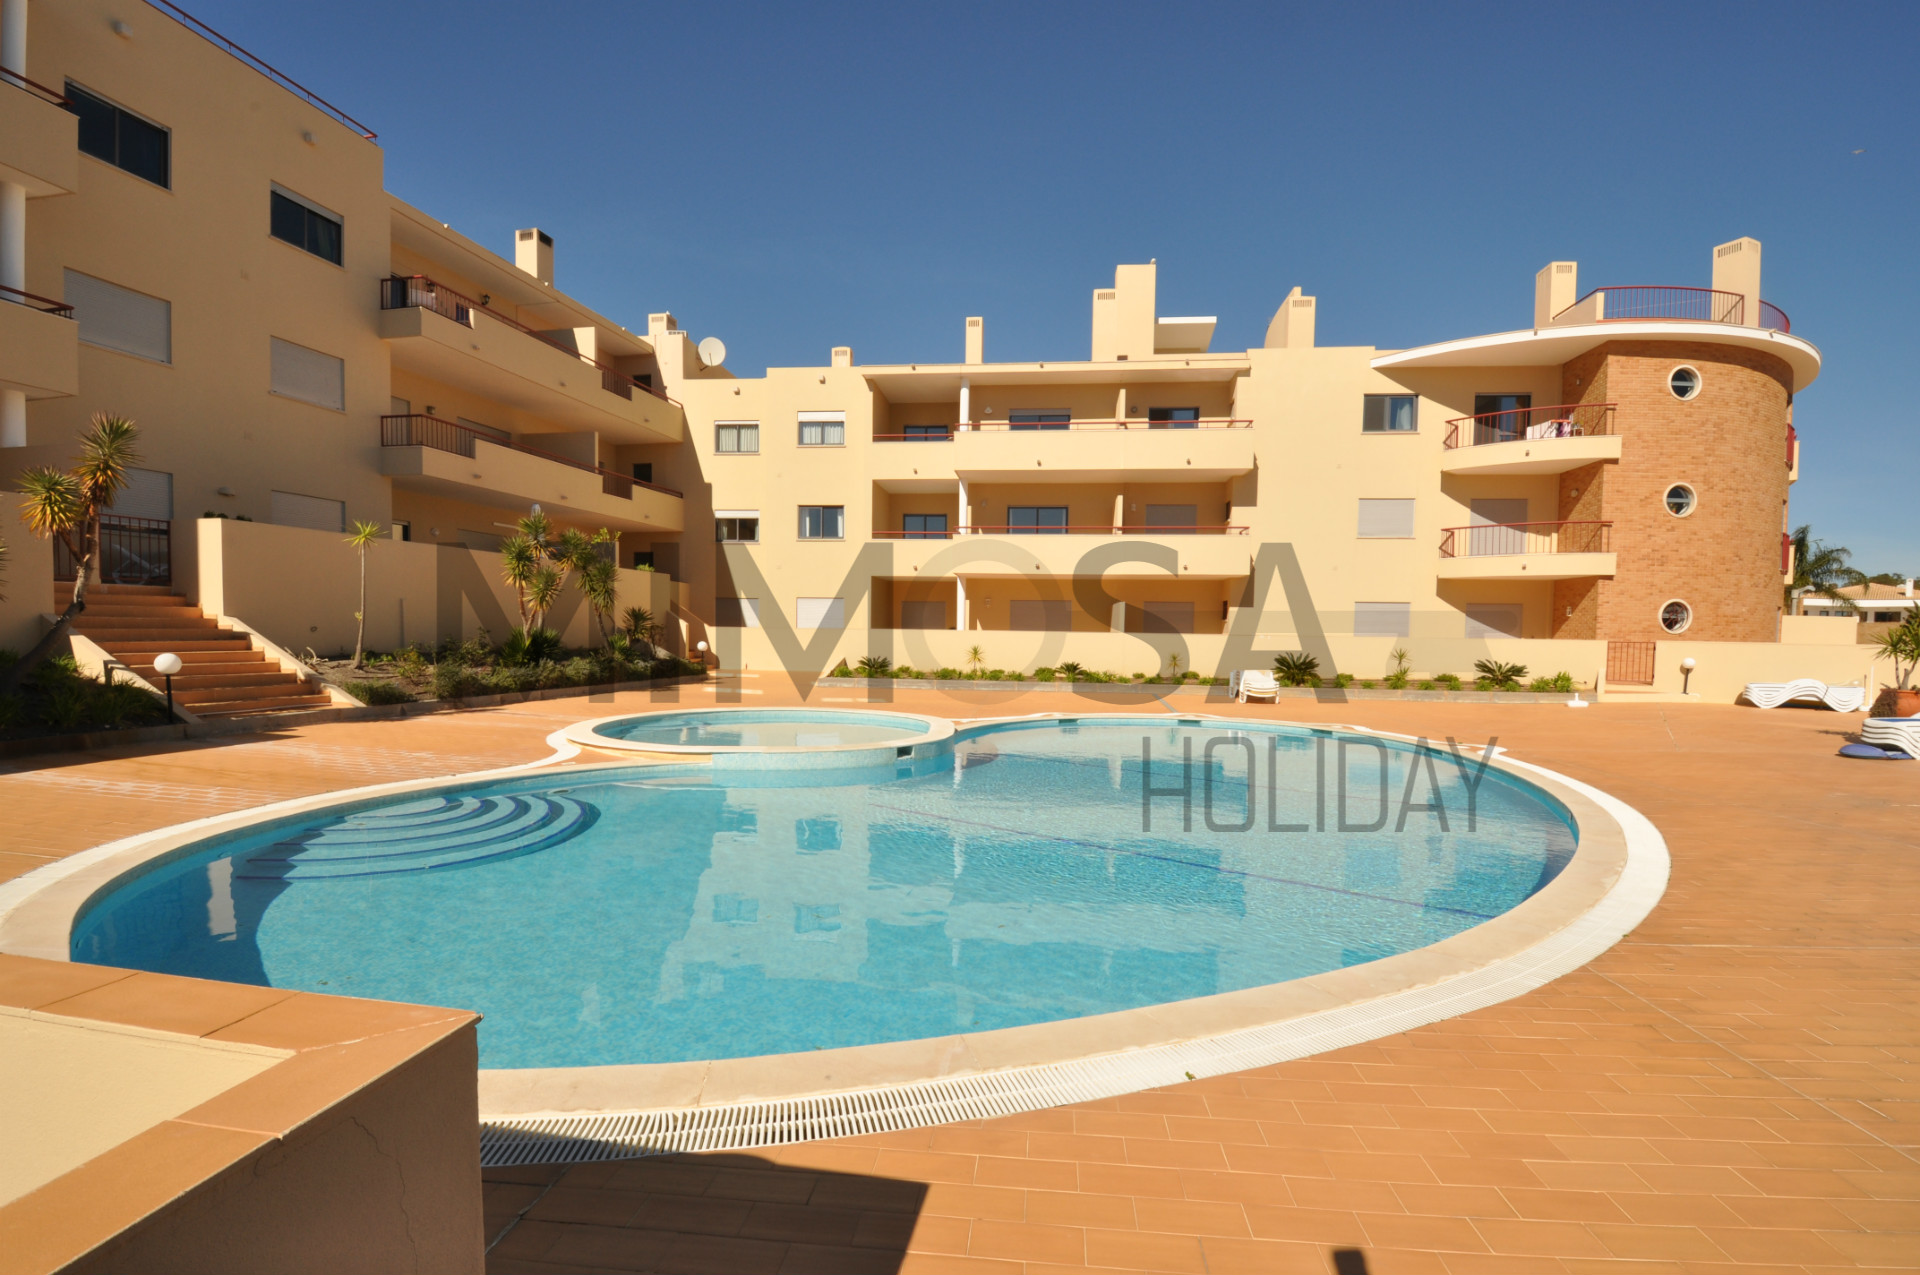 Appartamento con 2 camere da letto e piscina a Praia D. Ana, Lagos